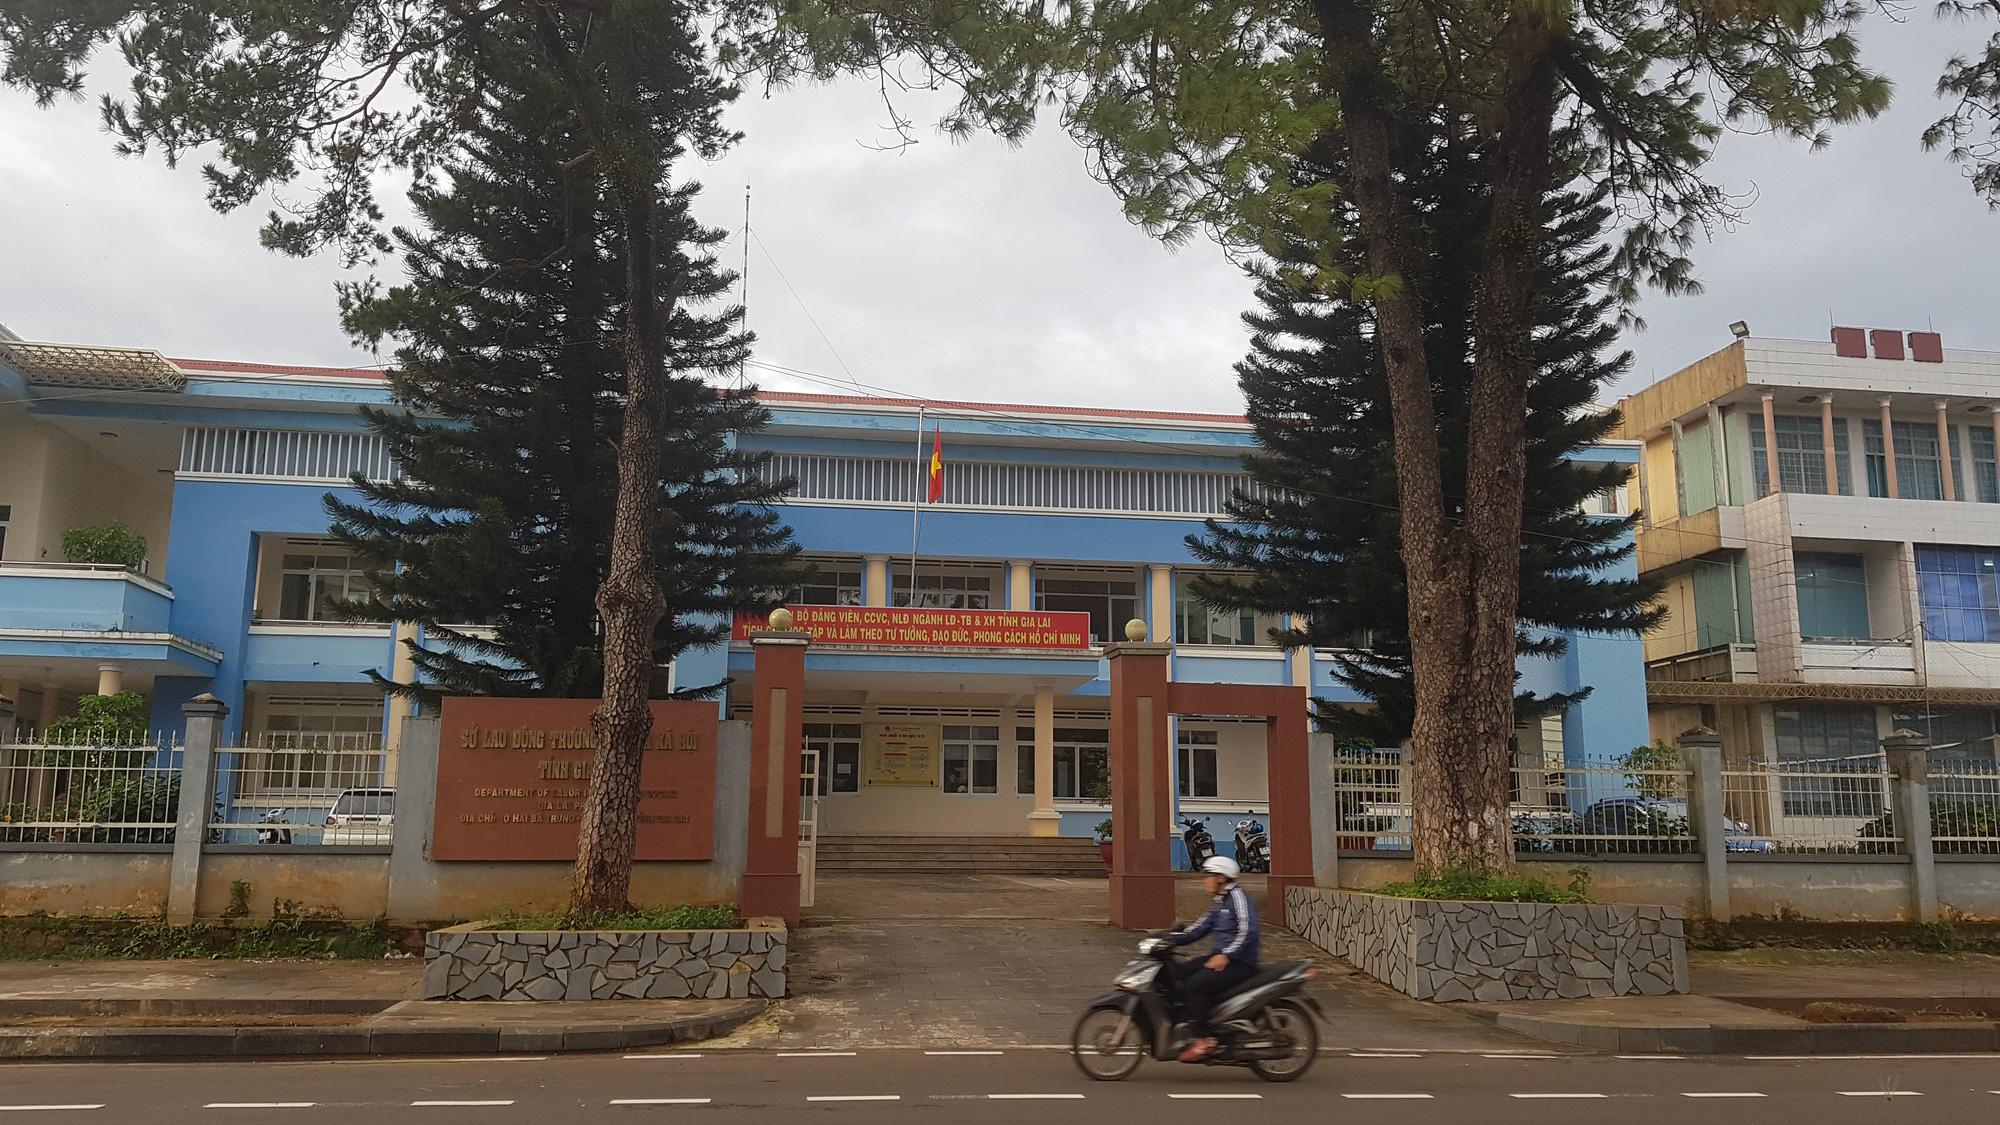 Giám đốc Sở LĐTBXH tỉnh Gia Lai bổ nhiệm, luân chuyển 5 cán bộ sai quy định - Ảnh 2.